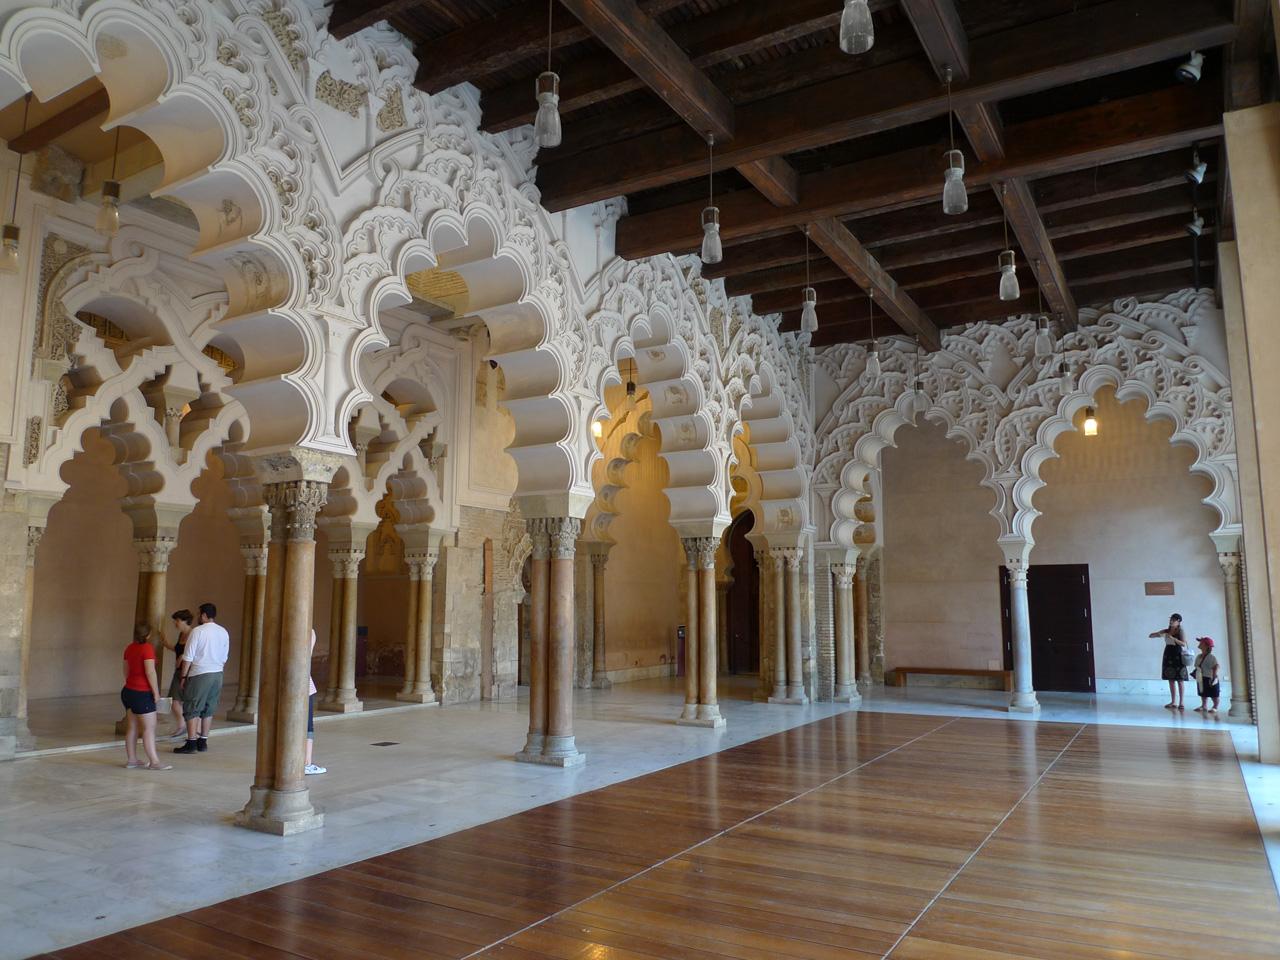 Spain 2011: 12 The Aljaferia Palace in Zaragoza